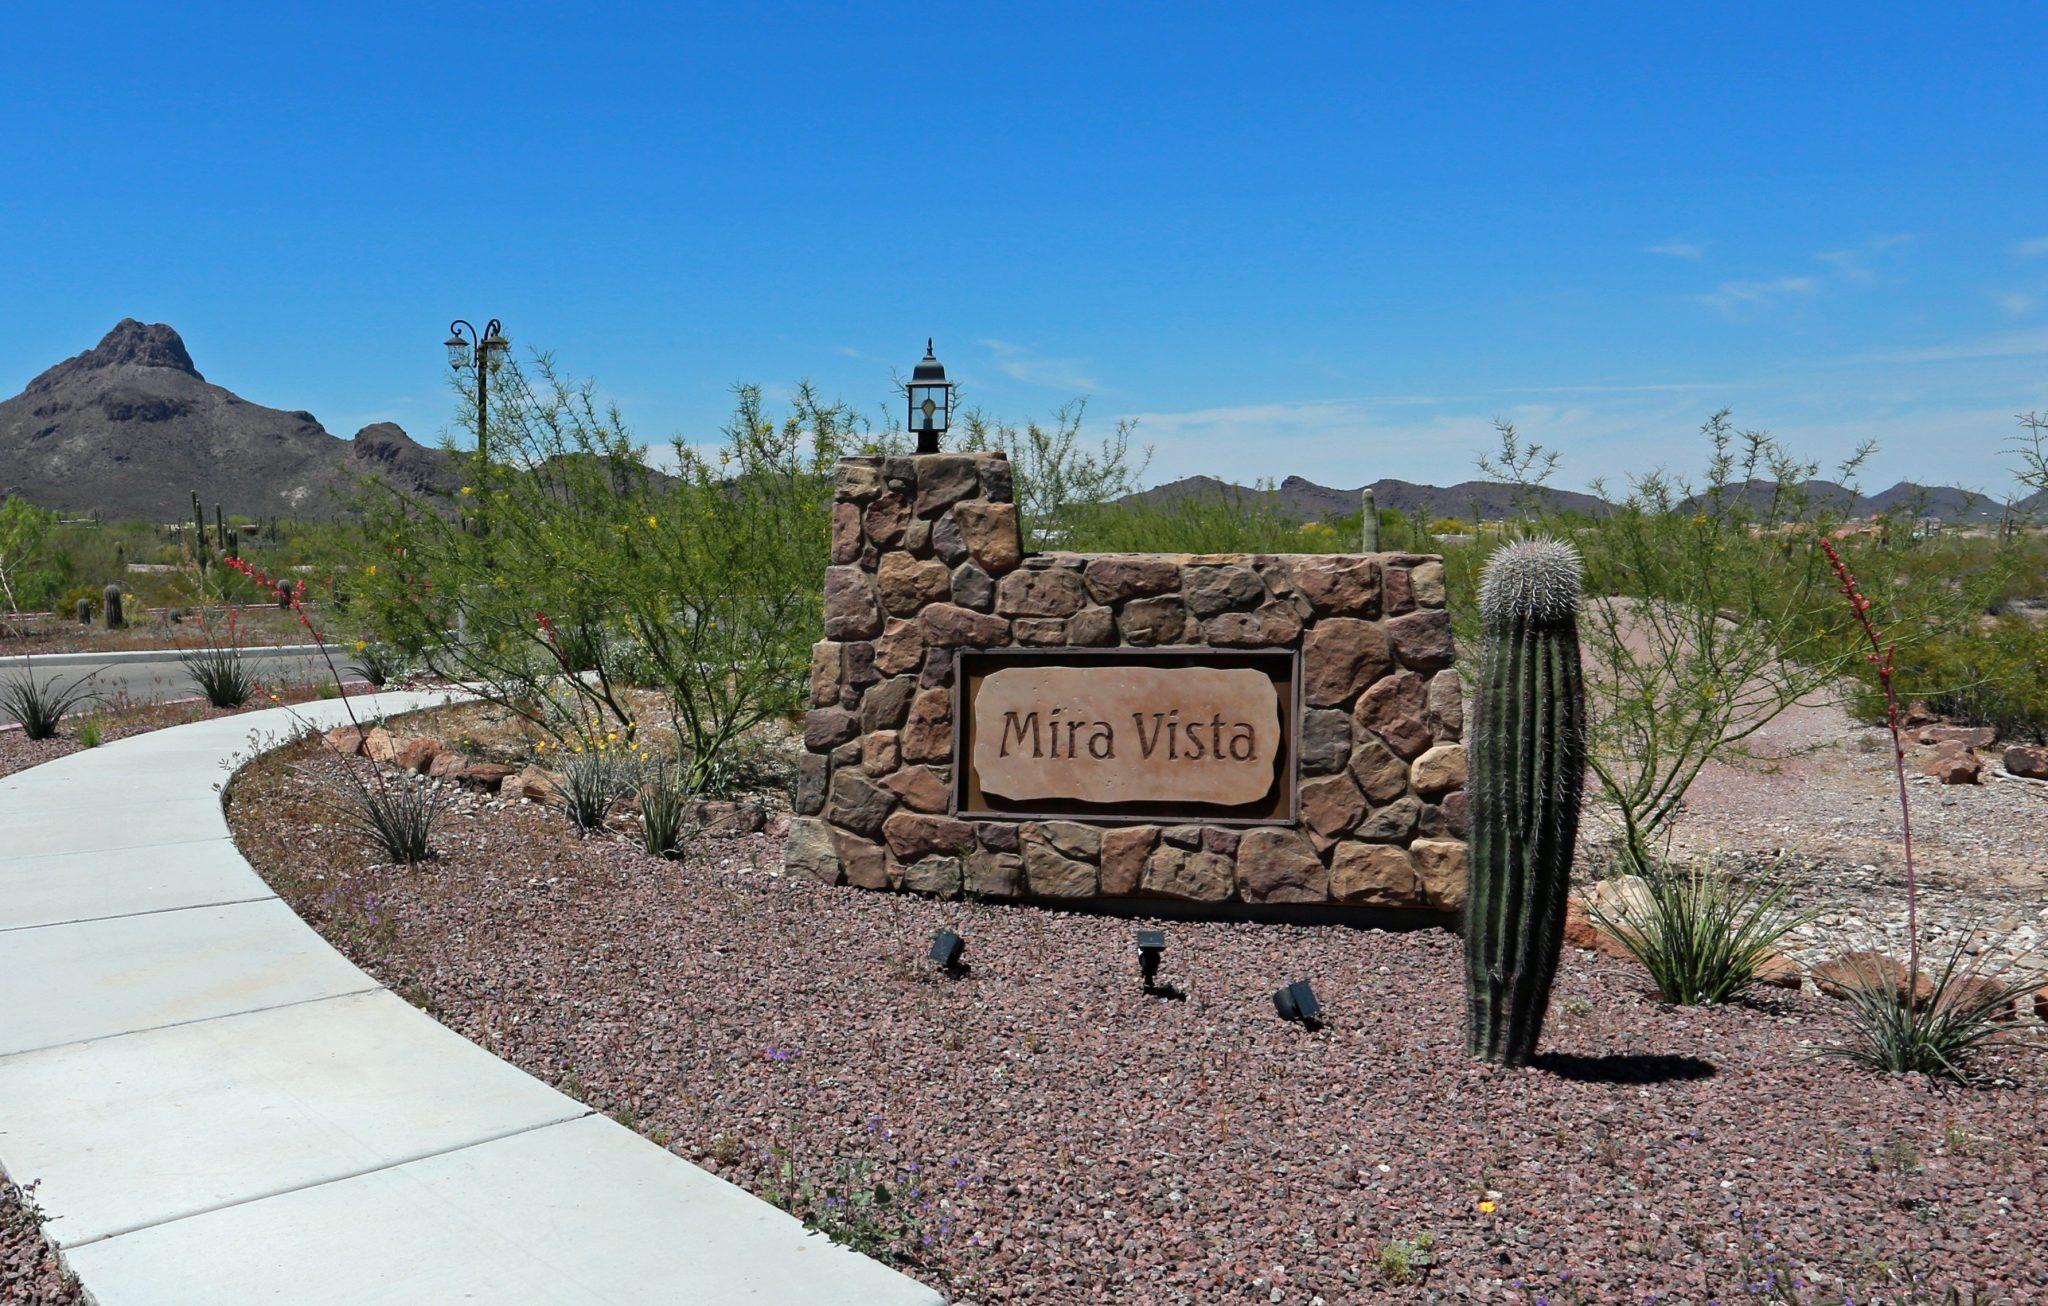 Mira Vista Resort Sign at Entrance